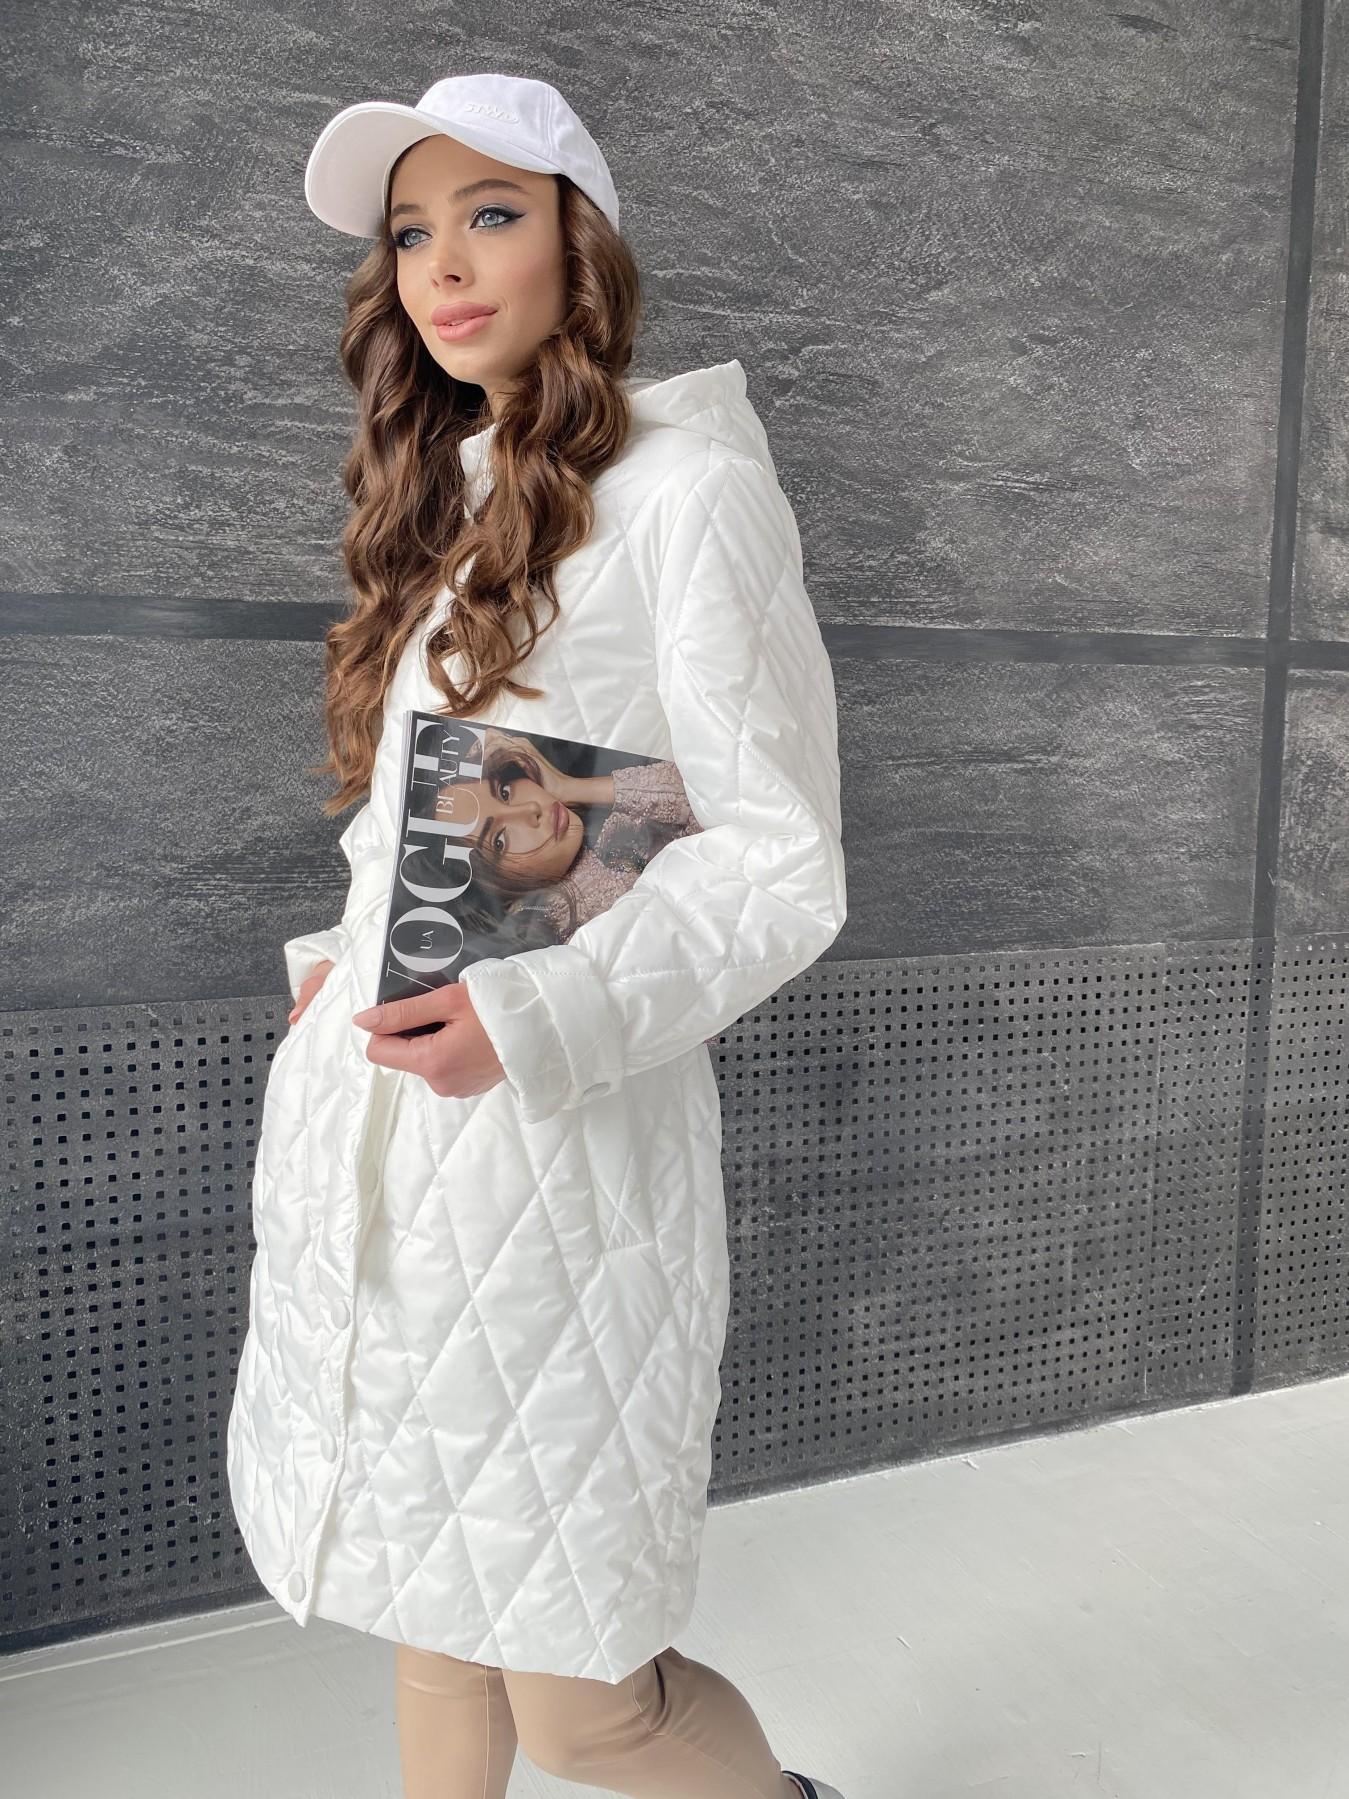 Виза стеганая куртка из плащевой ткани 11015 АРТ. 47516 Цвет: Молоко - фото 1, интернет магазин tm-modus.ru